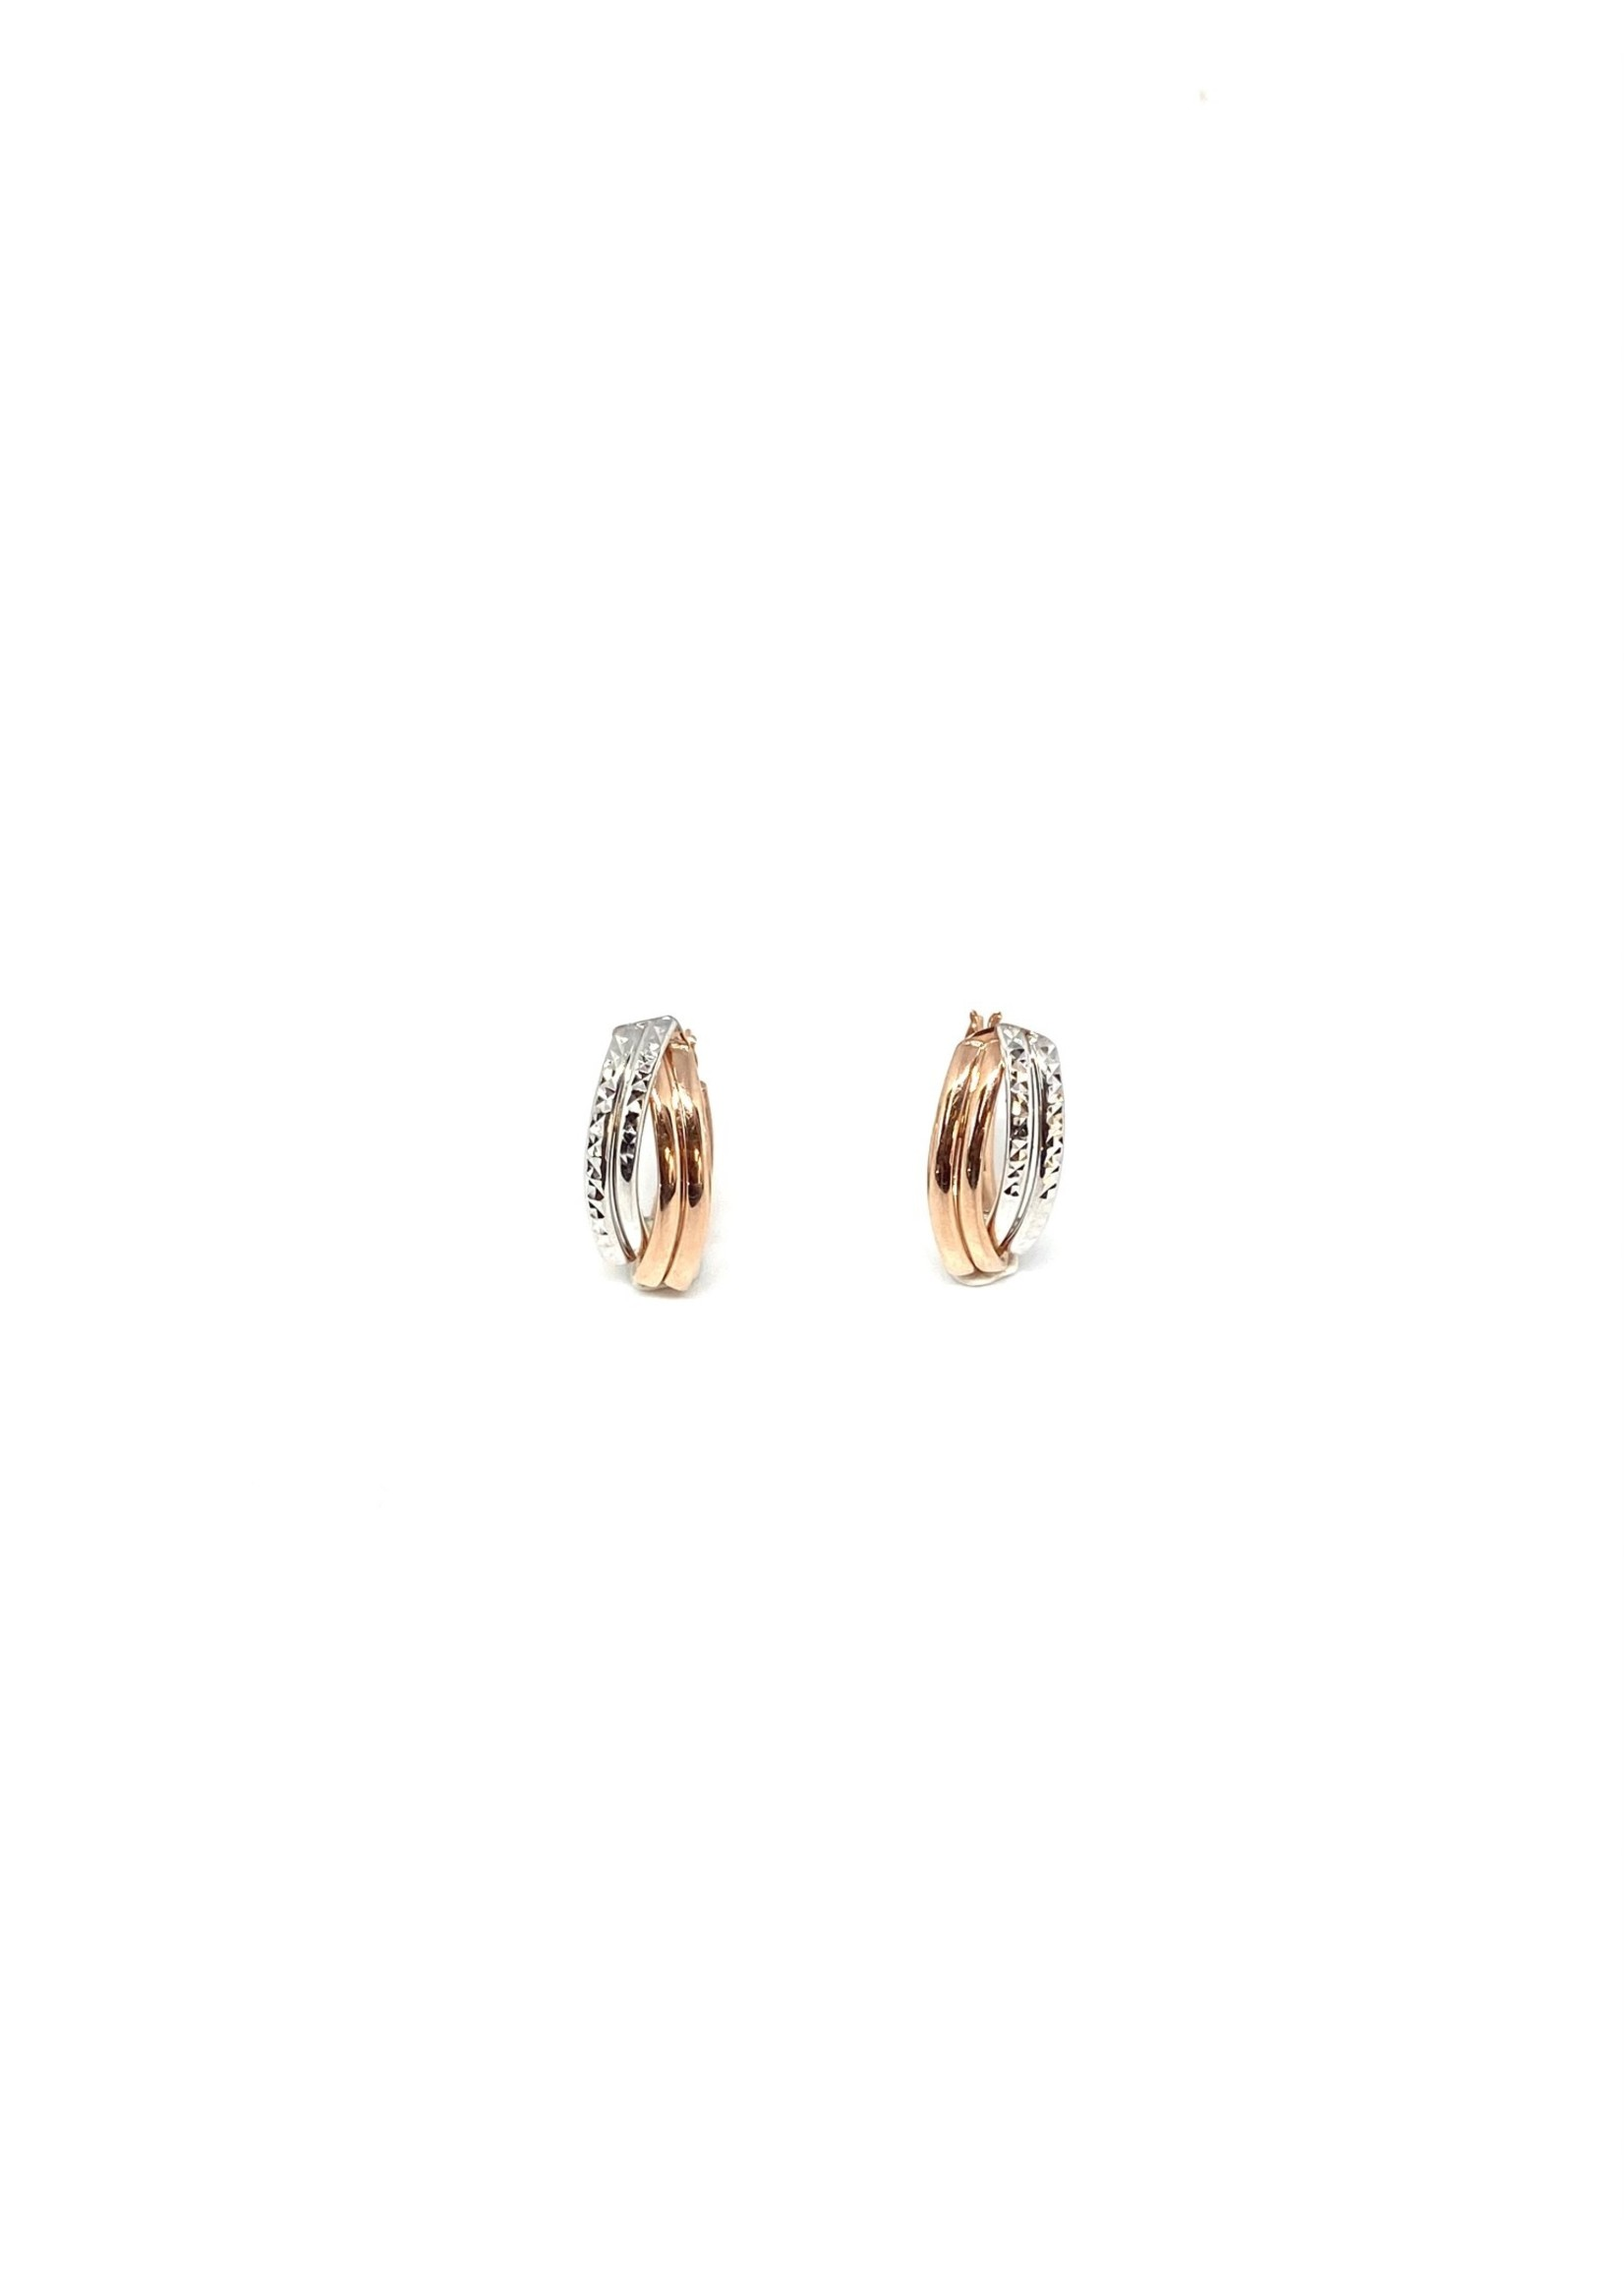 PARÉ Boucles d'oreilles Anneaux croisés « Diamond cut » Or 10K 2 tons